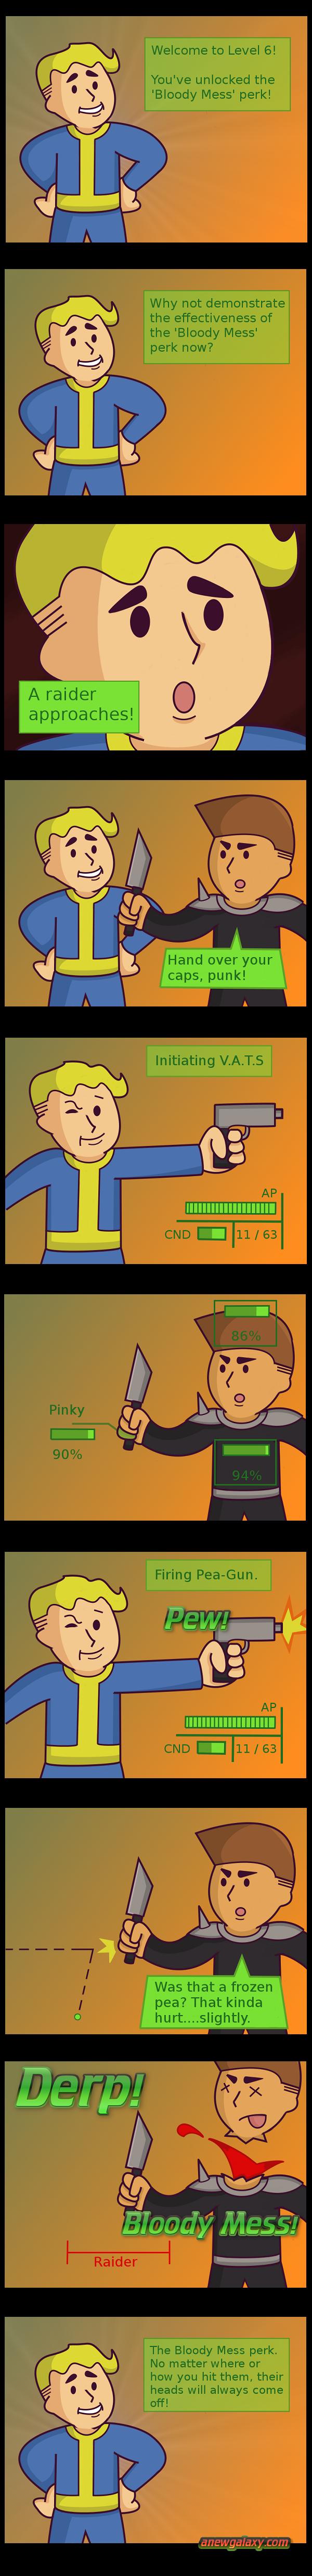 Fallout Parody: Bloody mess